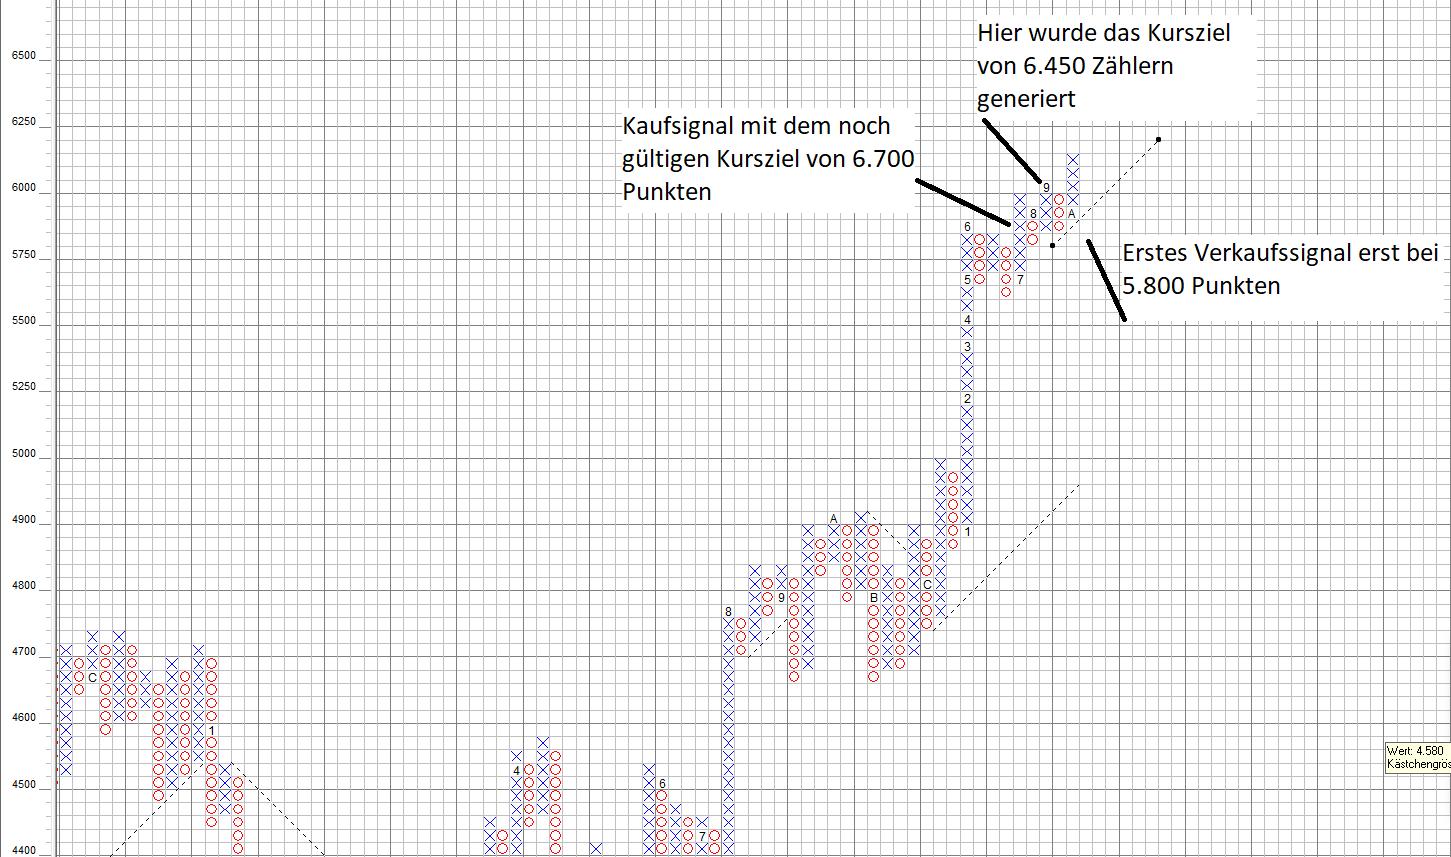 Nasdaq100 Kursziel aus dem Chart abgeleitet